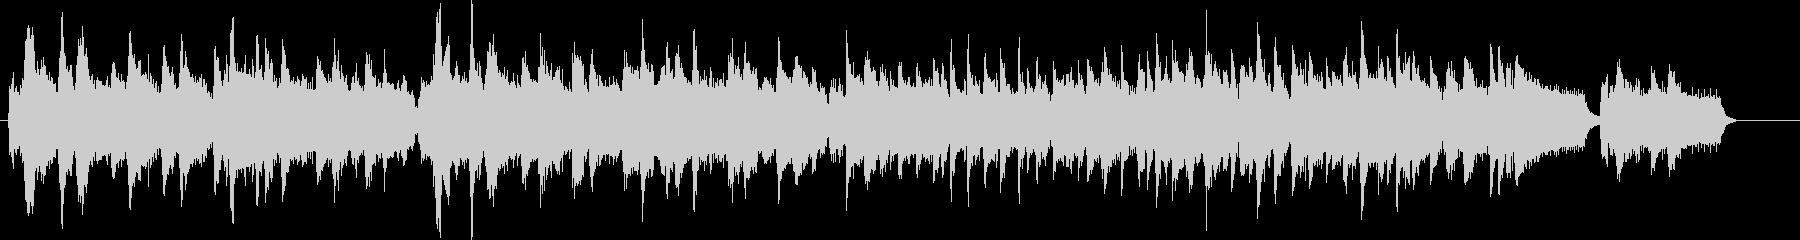 アコーディオン カントリー USA国歌の未再生の波形